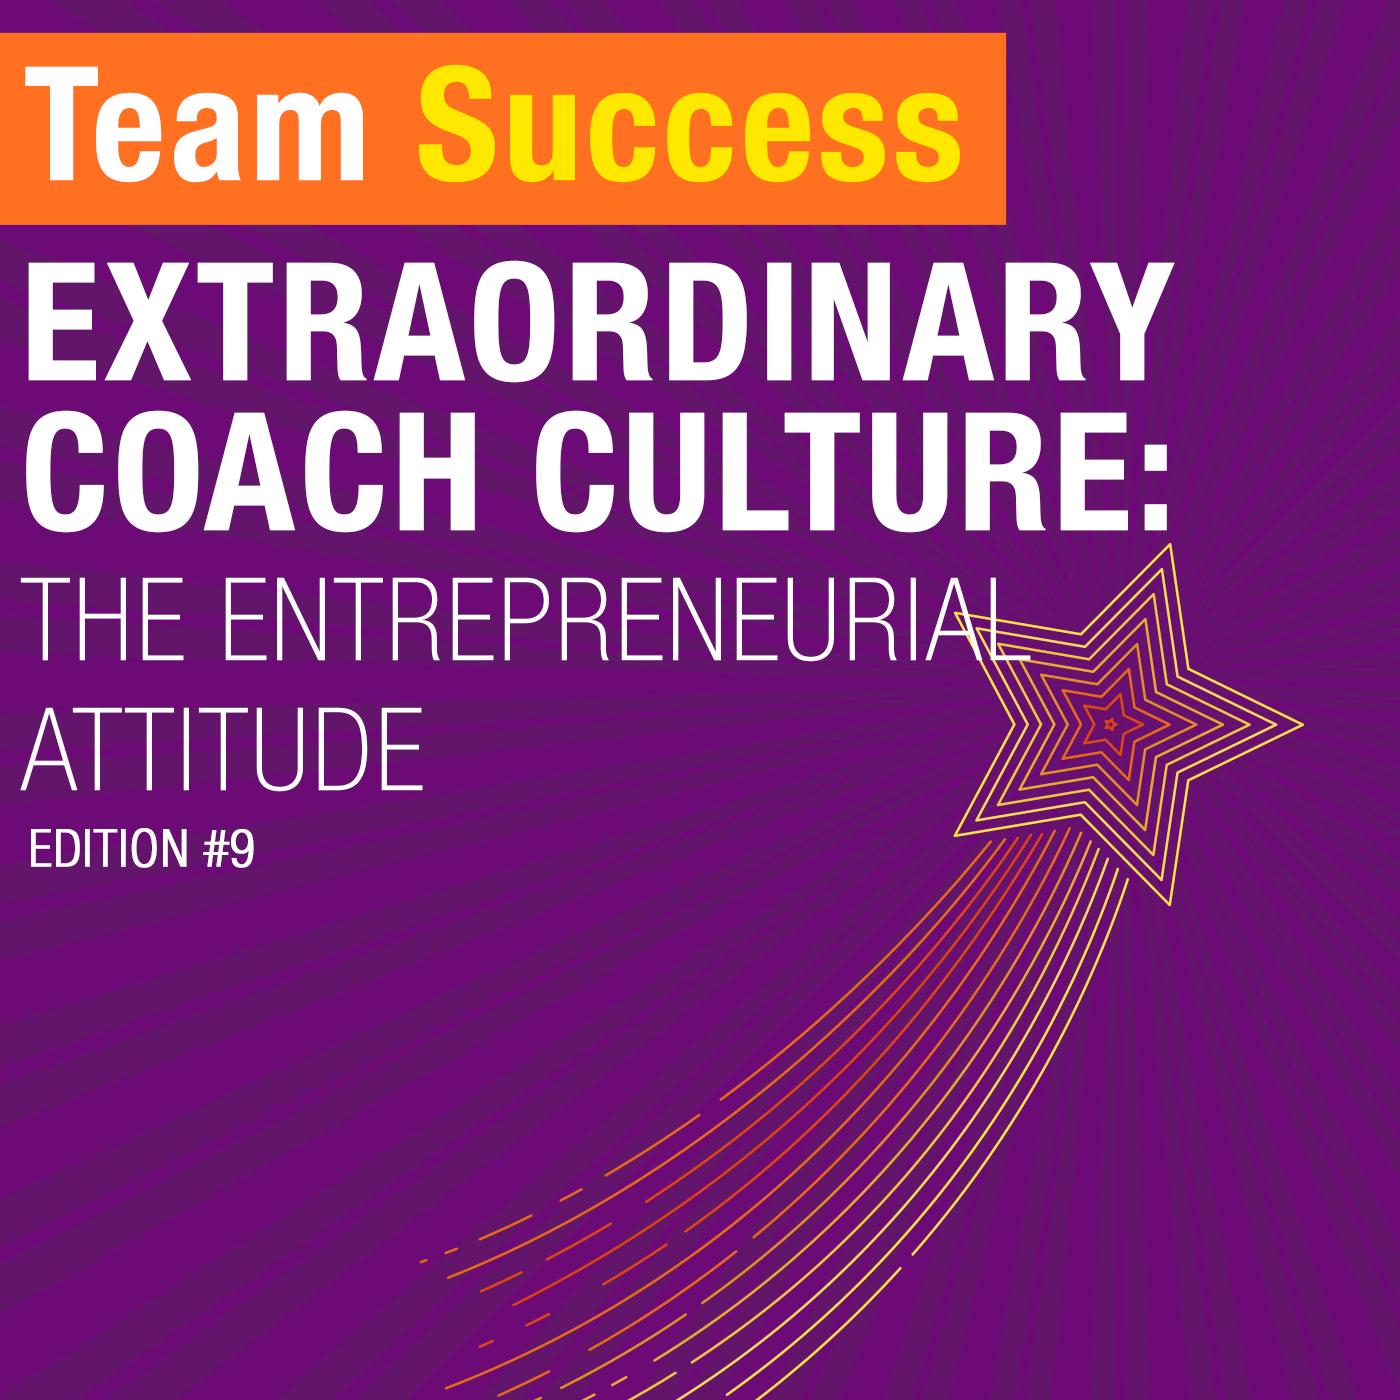 Extraordinary Coach Culture Entrepreneurial Attitude